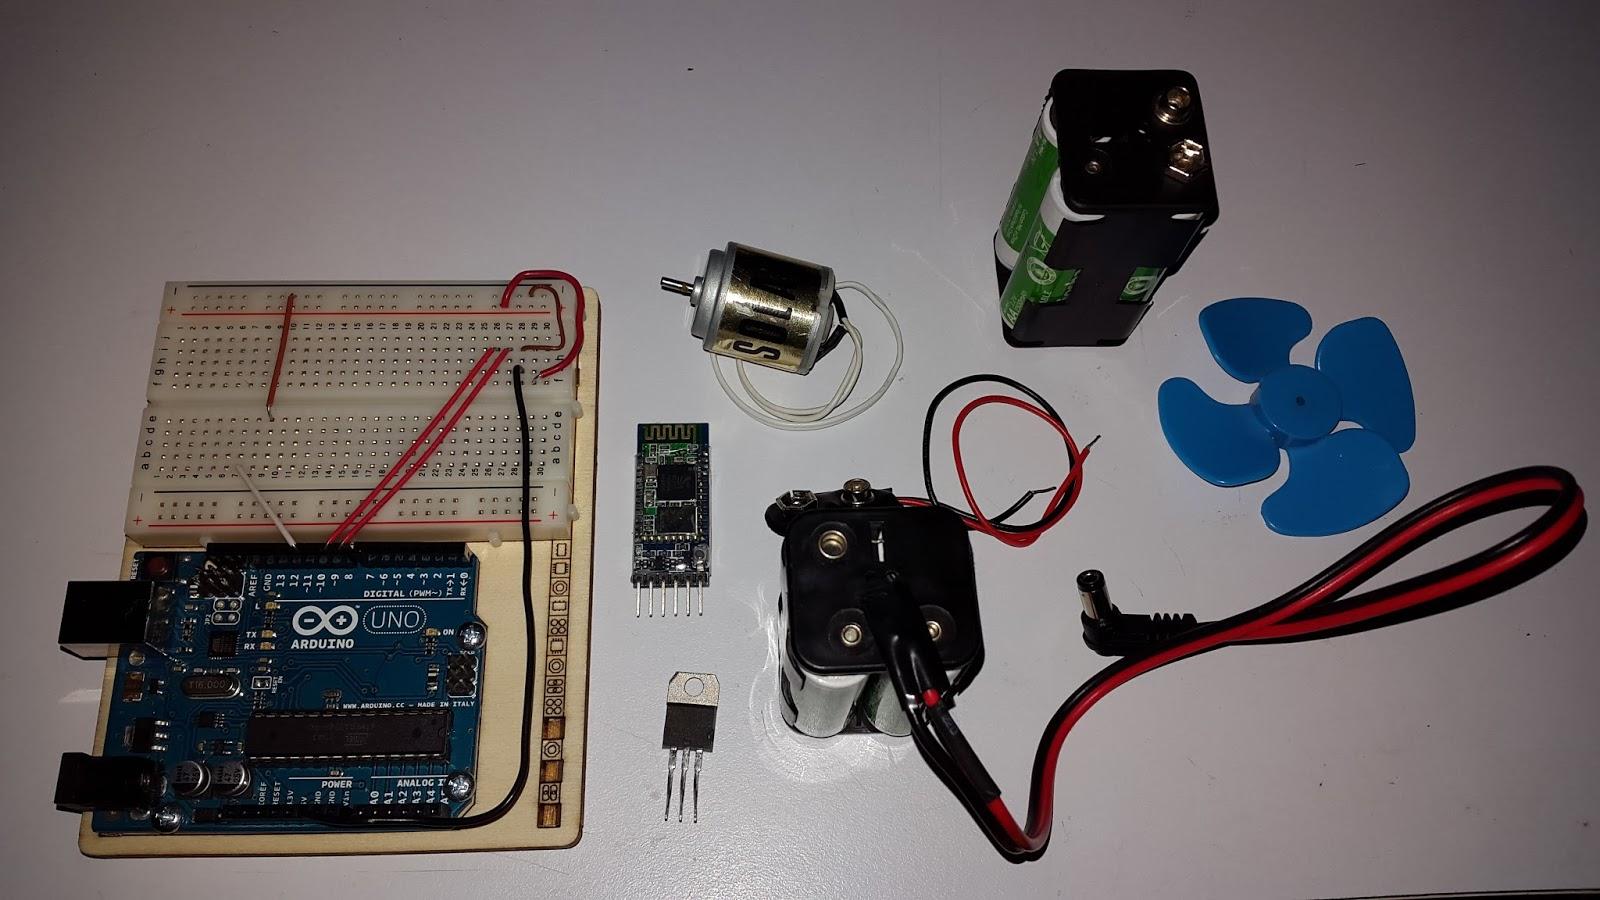 Circuito Bluetooth Casero : Carton geek: motor dc bluetooth con arduino